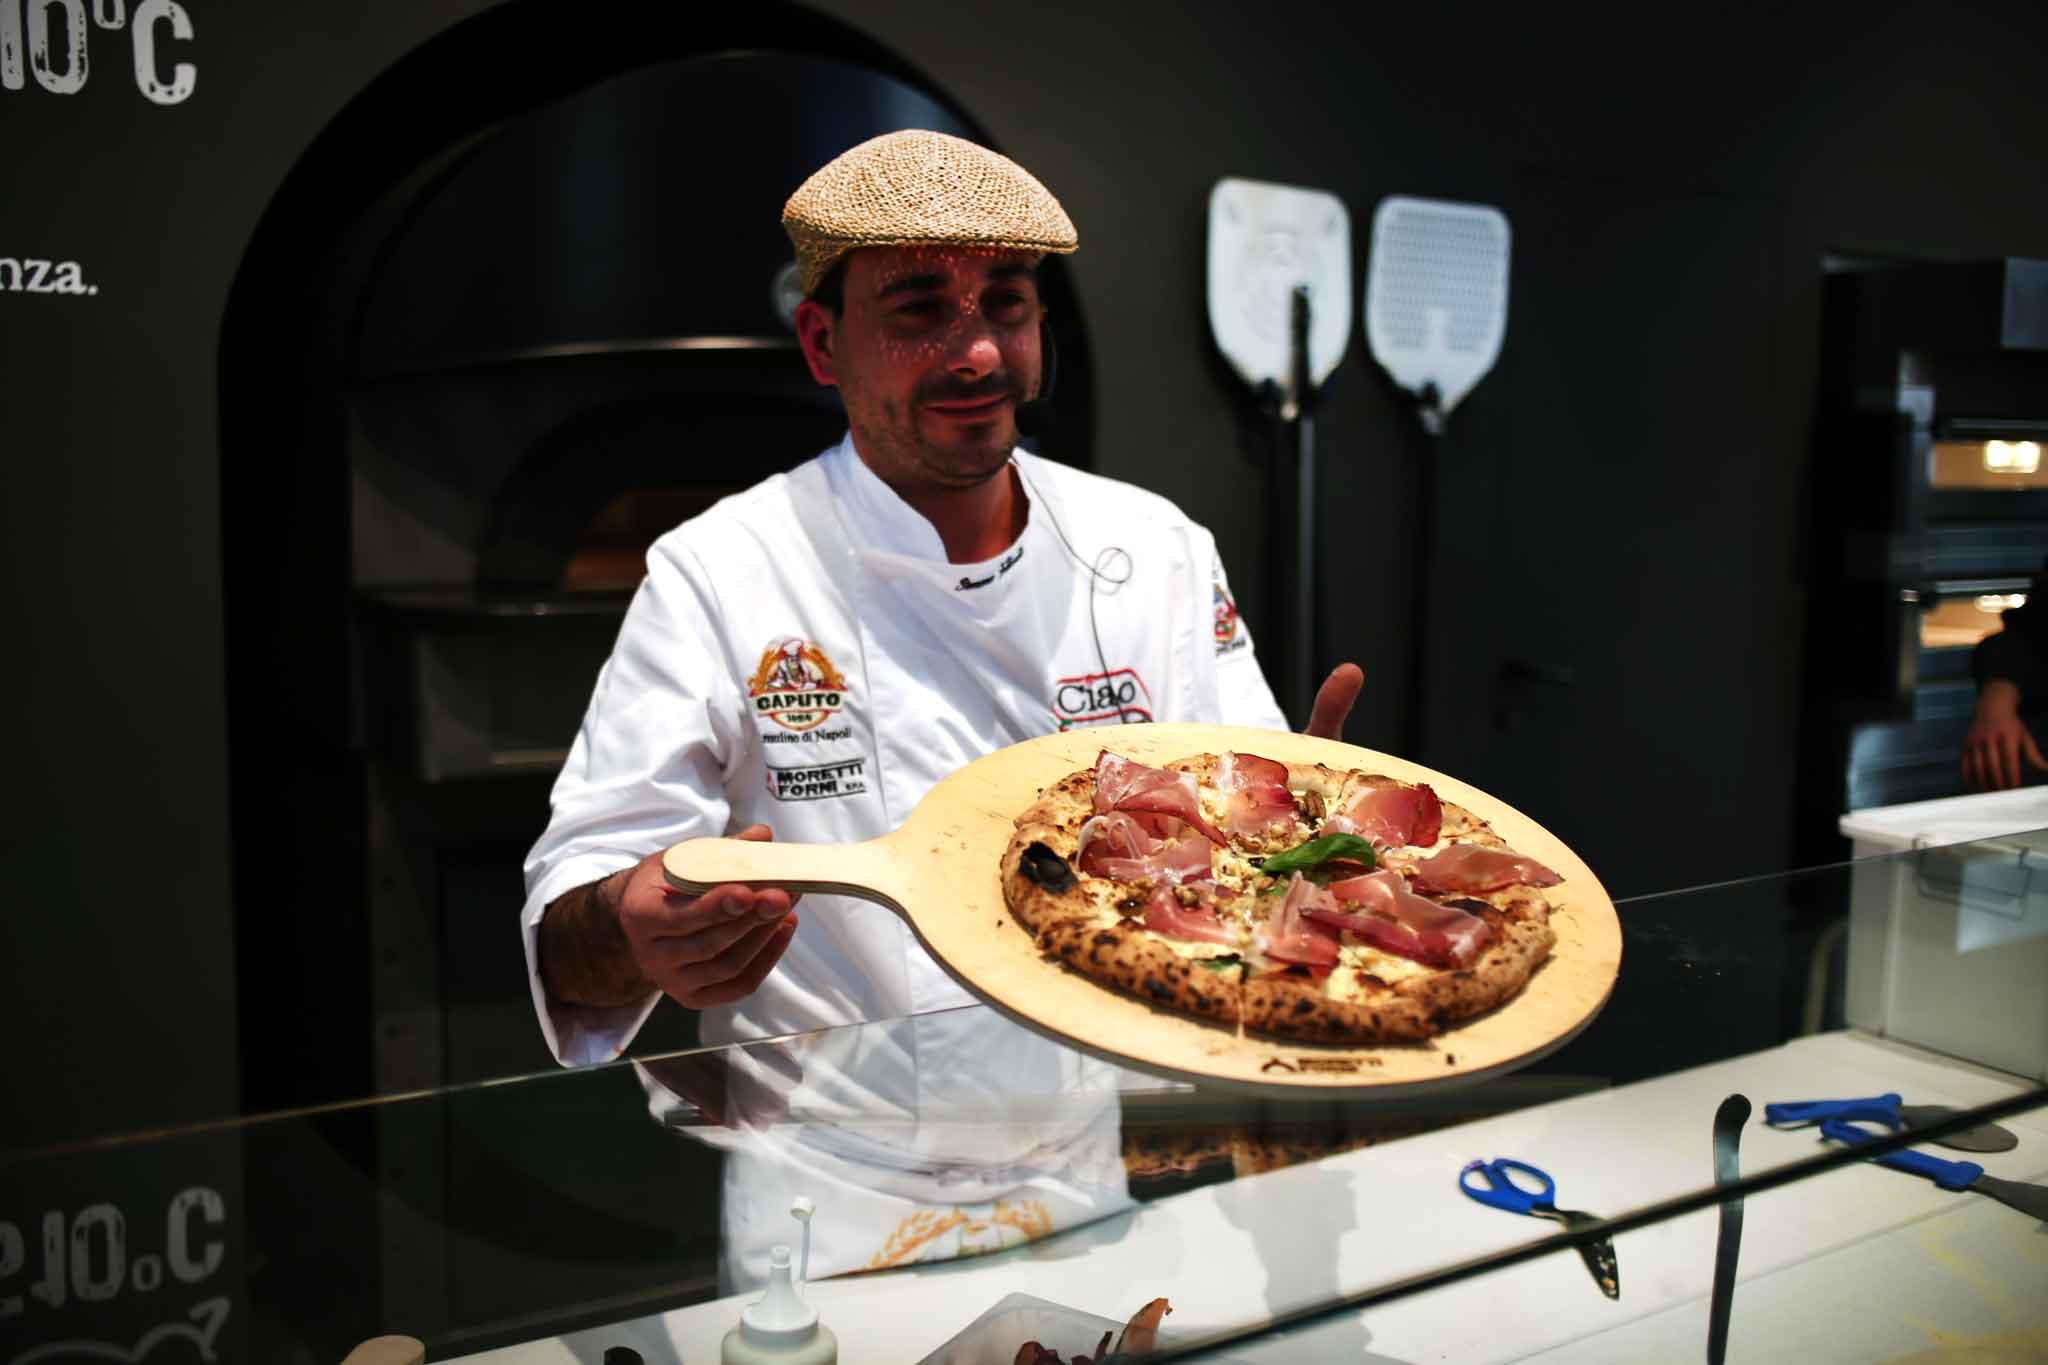 Il record di simone fortunato che cuoce 6 pizze nel for Cosa vuol dire forno statico